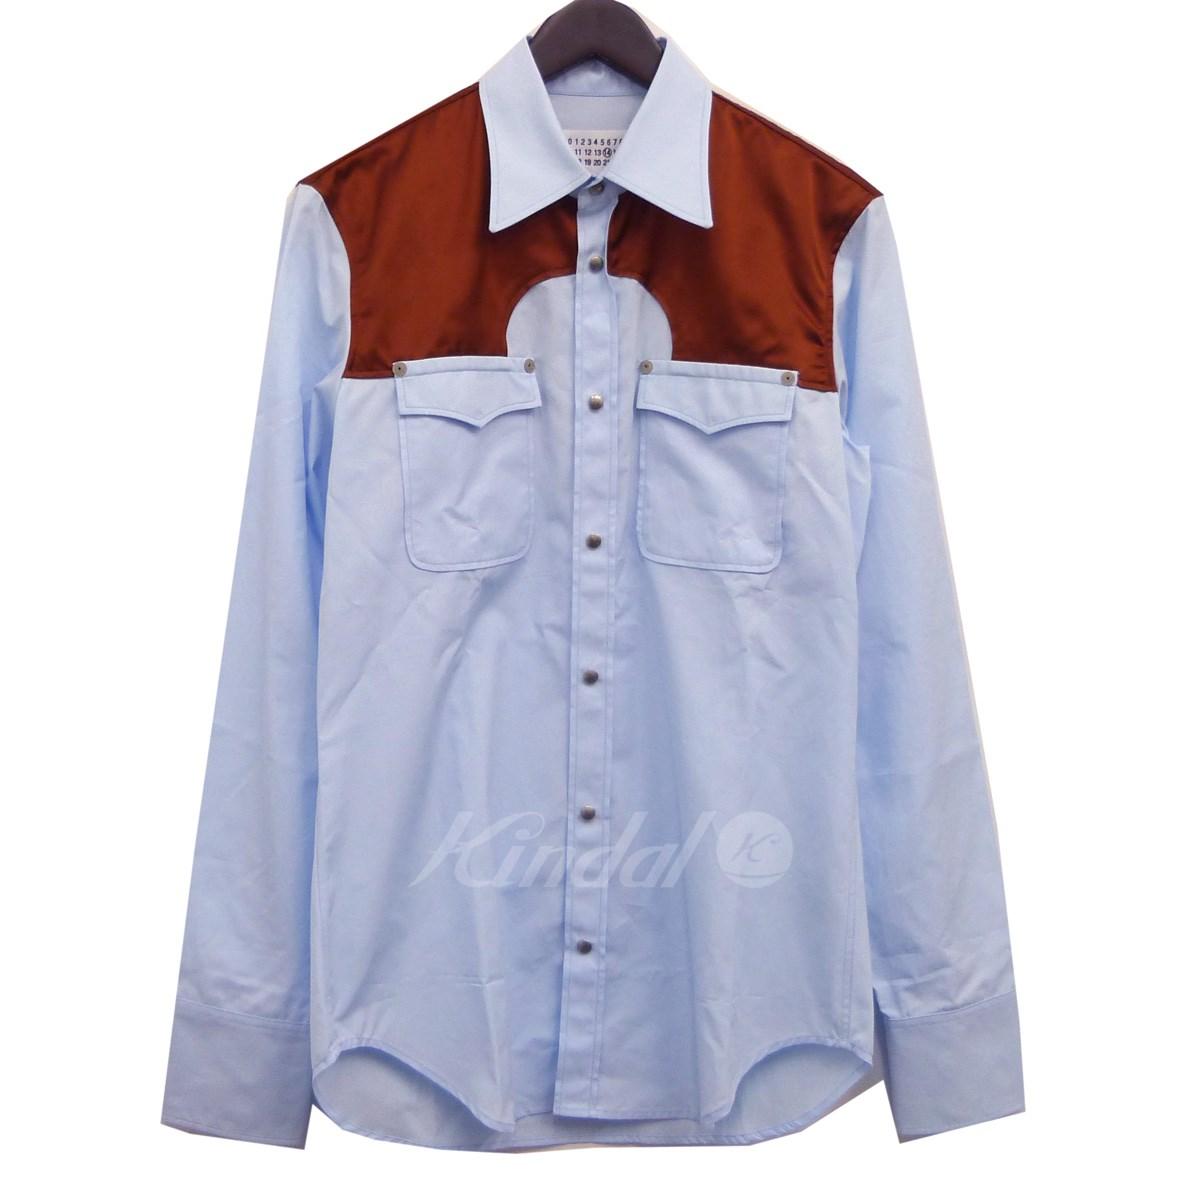 【中古】Martin Margiela14 18AW ウエスタンシャツ 38 サイズ:38 【送料無料】 【061018】(マルタンマルジェラ14)